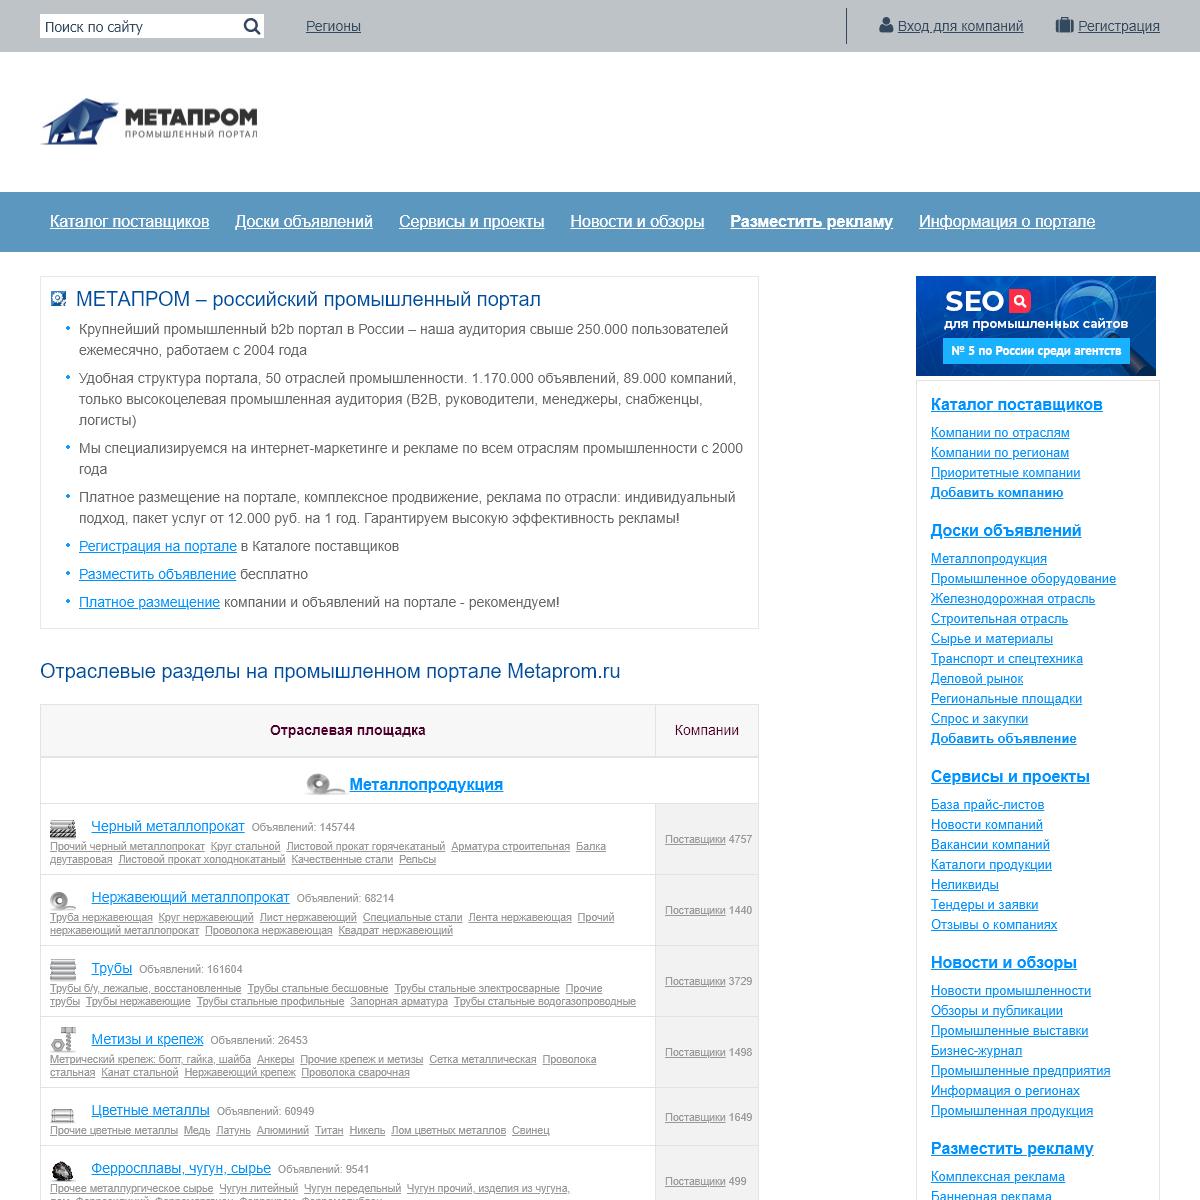 МЕТАПРОМ - российский промышленный портал, крупнейшие специализирова